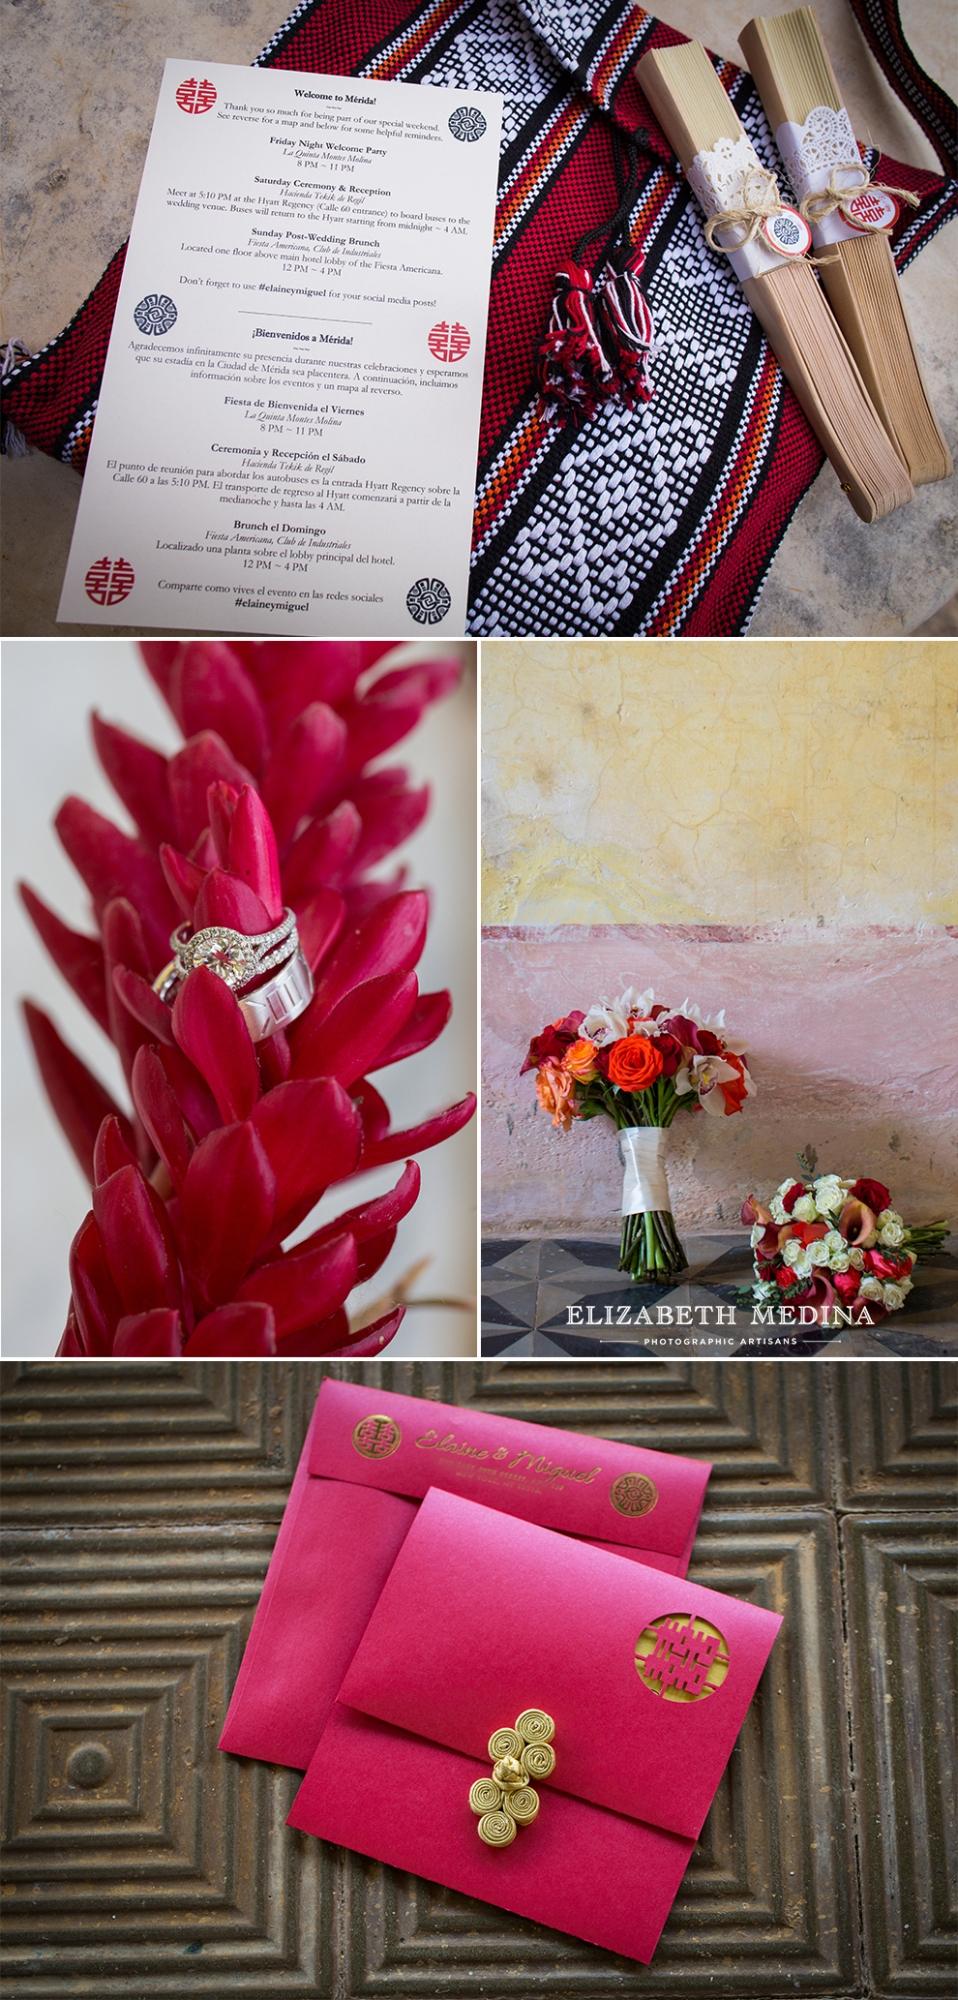 hacienda tekik de regil wedding elizabeth medina photography 02 Hacienda Tekik de Regil Yucatan Wedding, Fotografía Hacienda Tekik de Regil, Yucatán